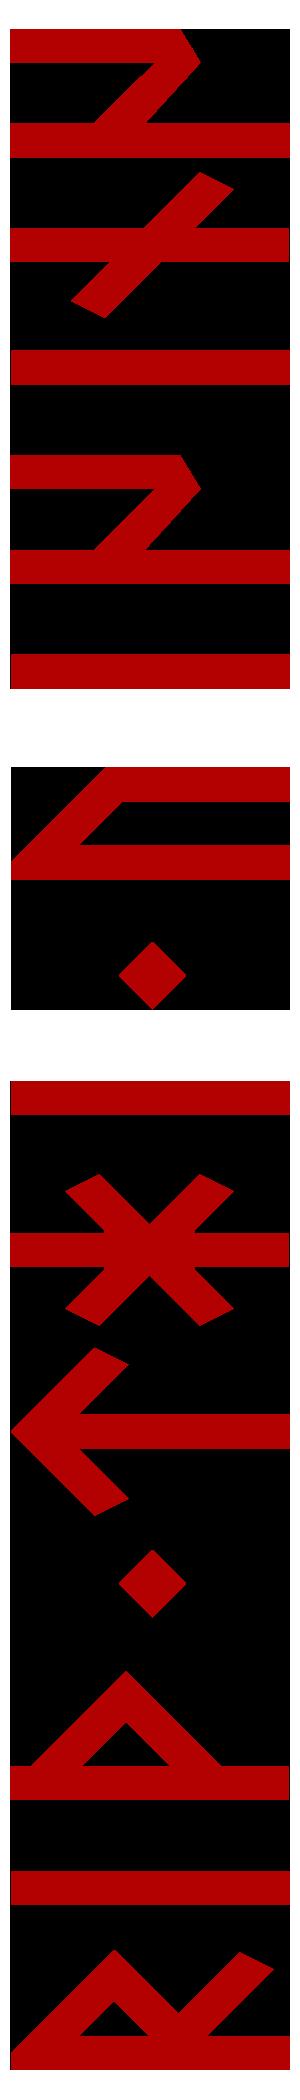 Graphic Design Edmonton | Runes